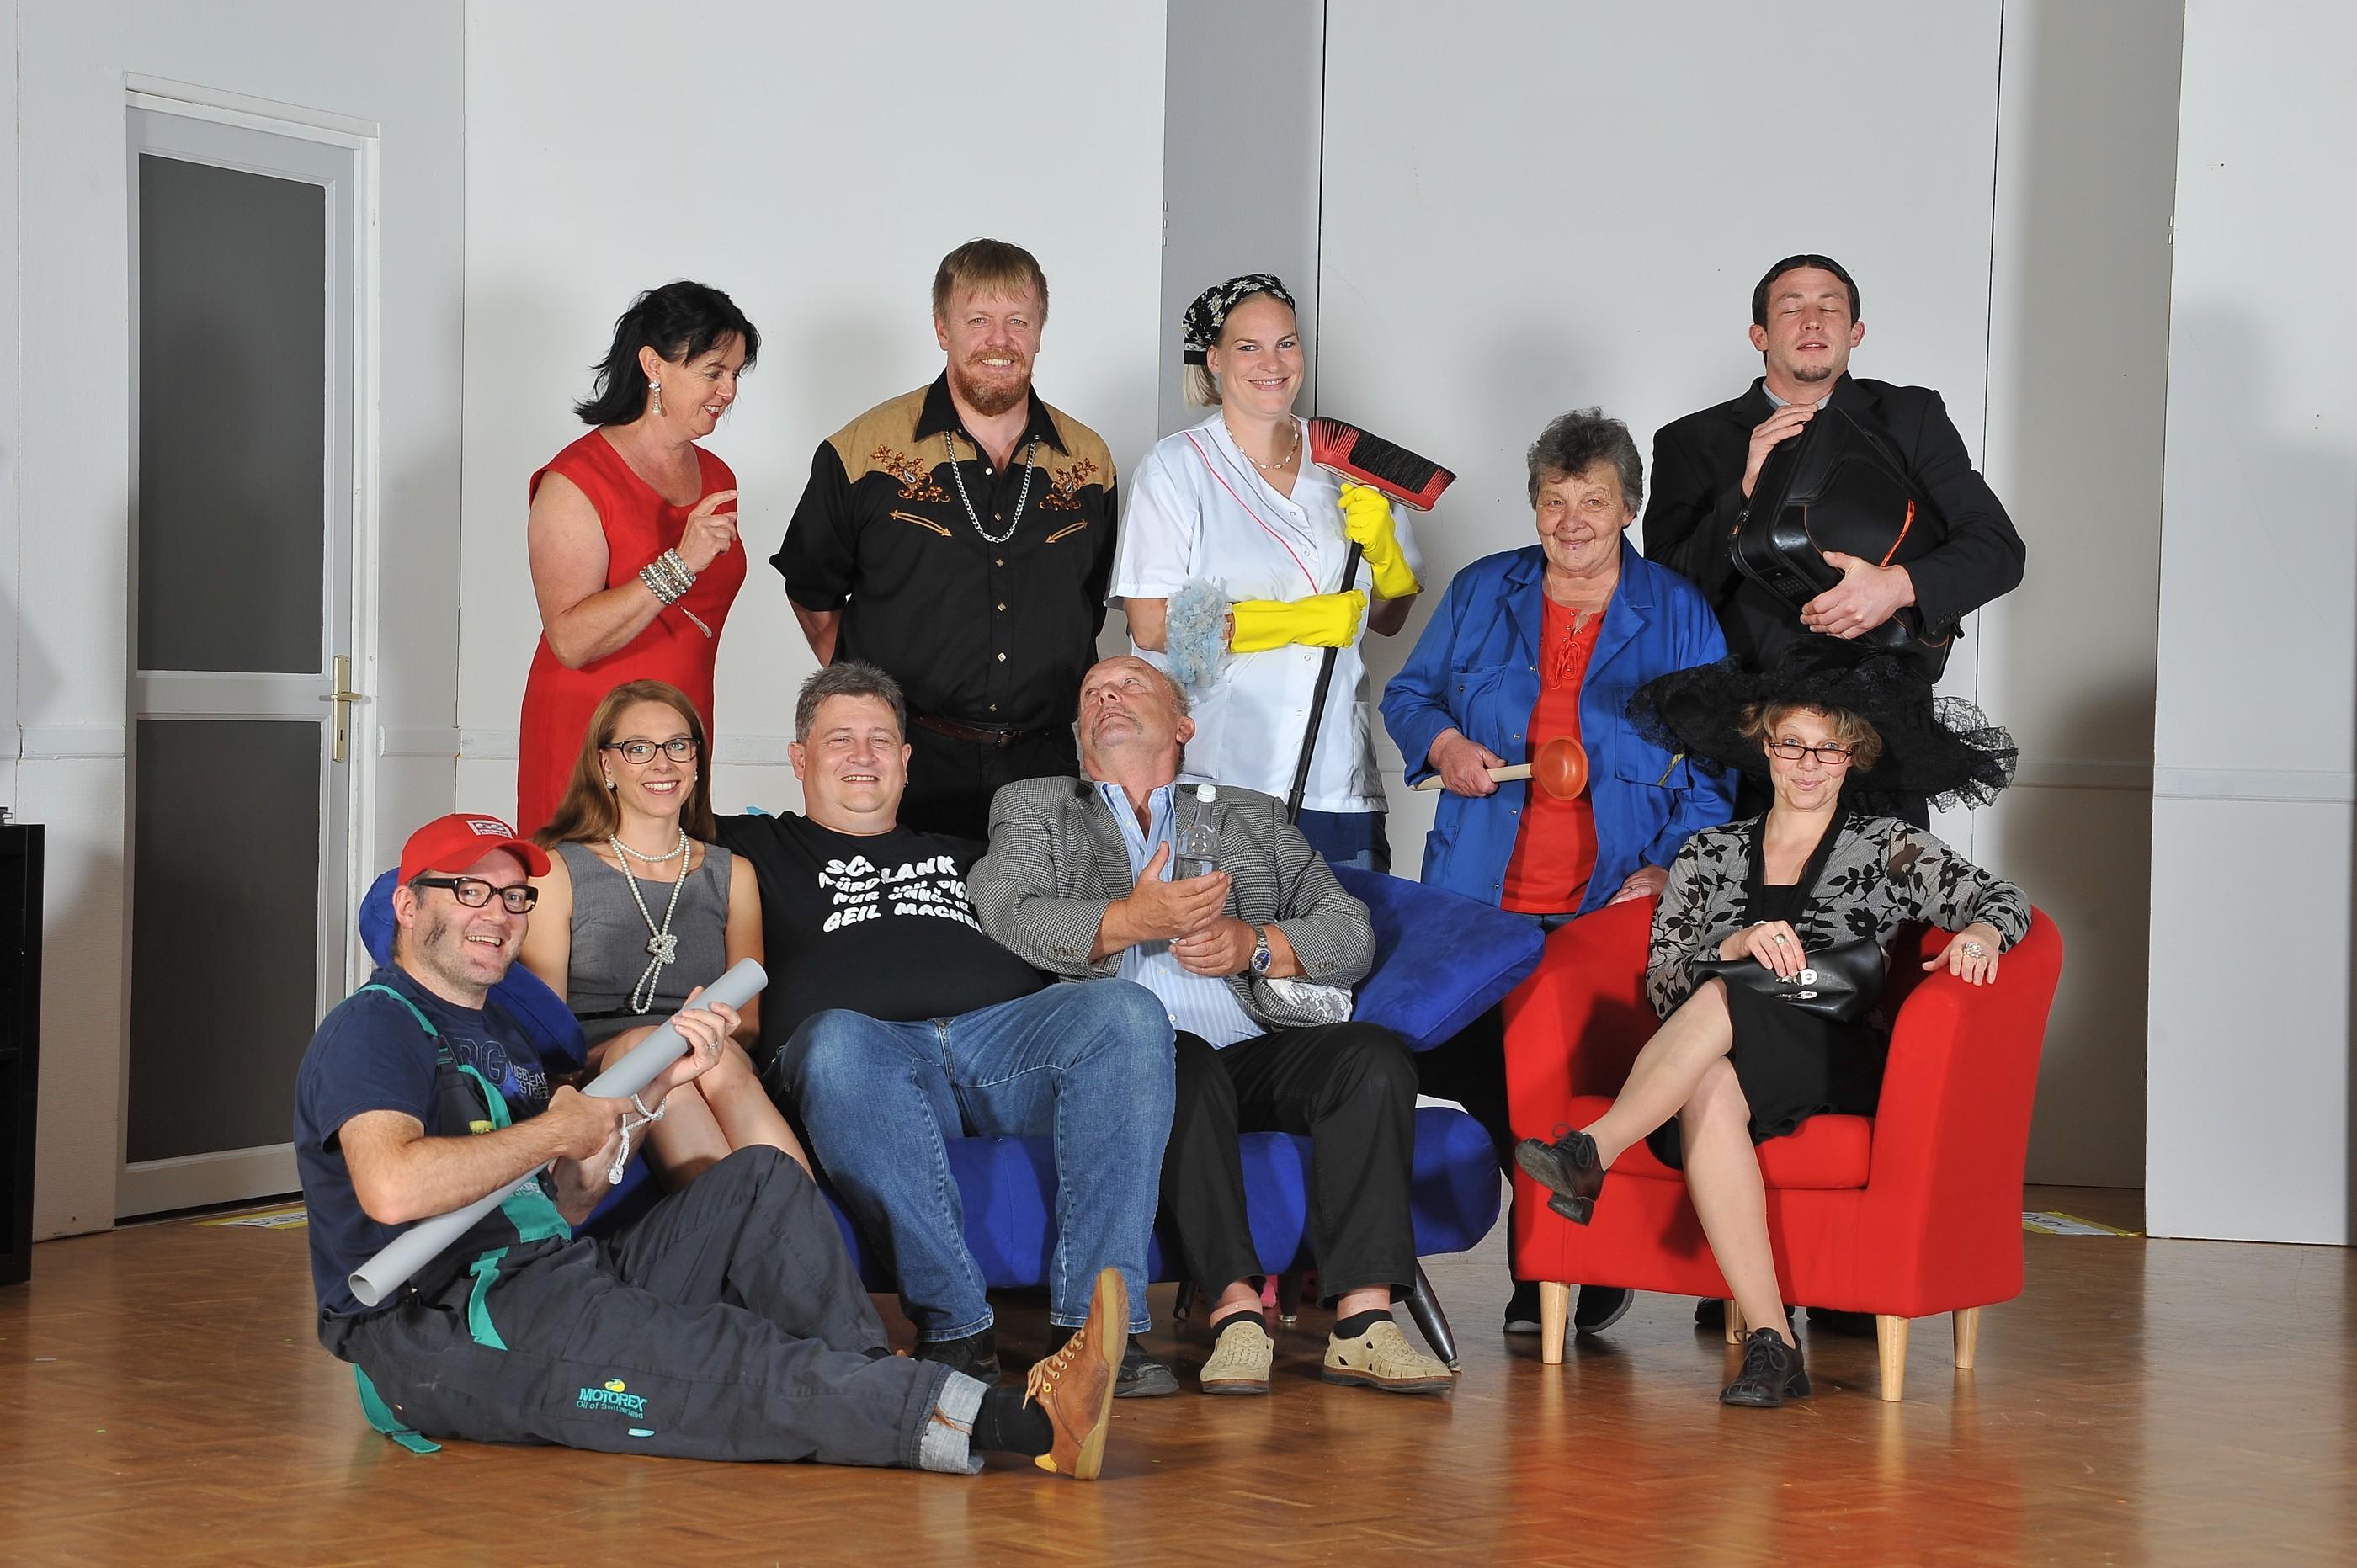 Theaterverein Spielleute Sisseln